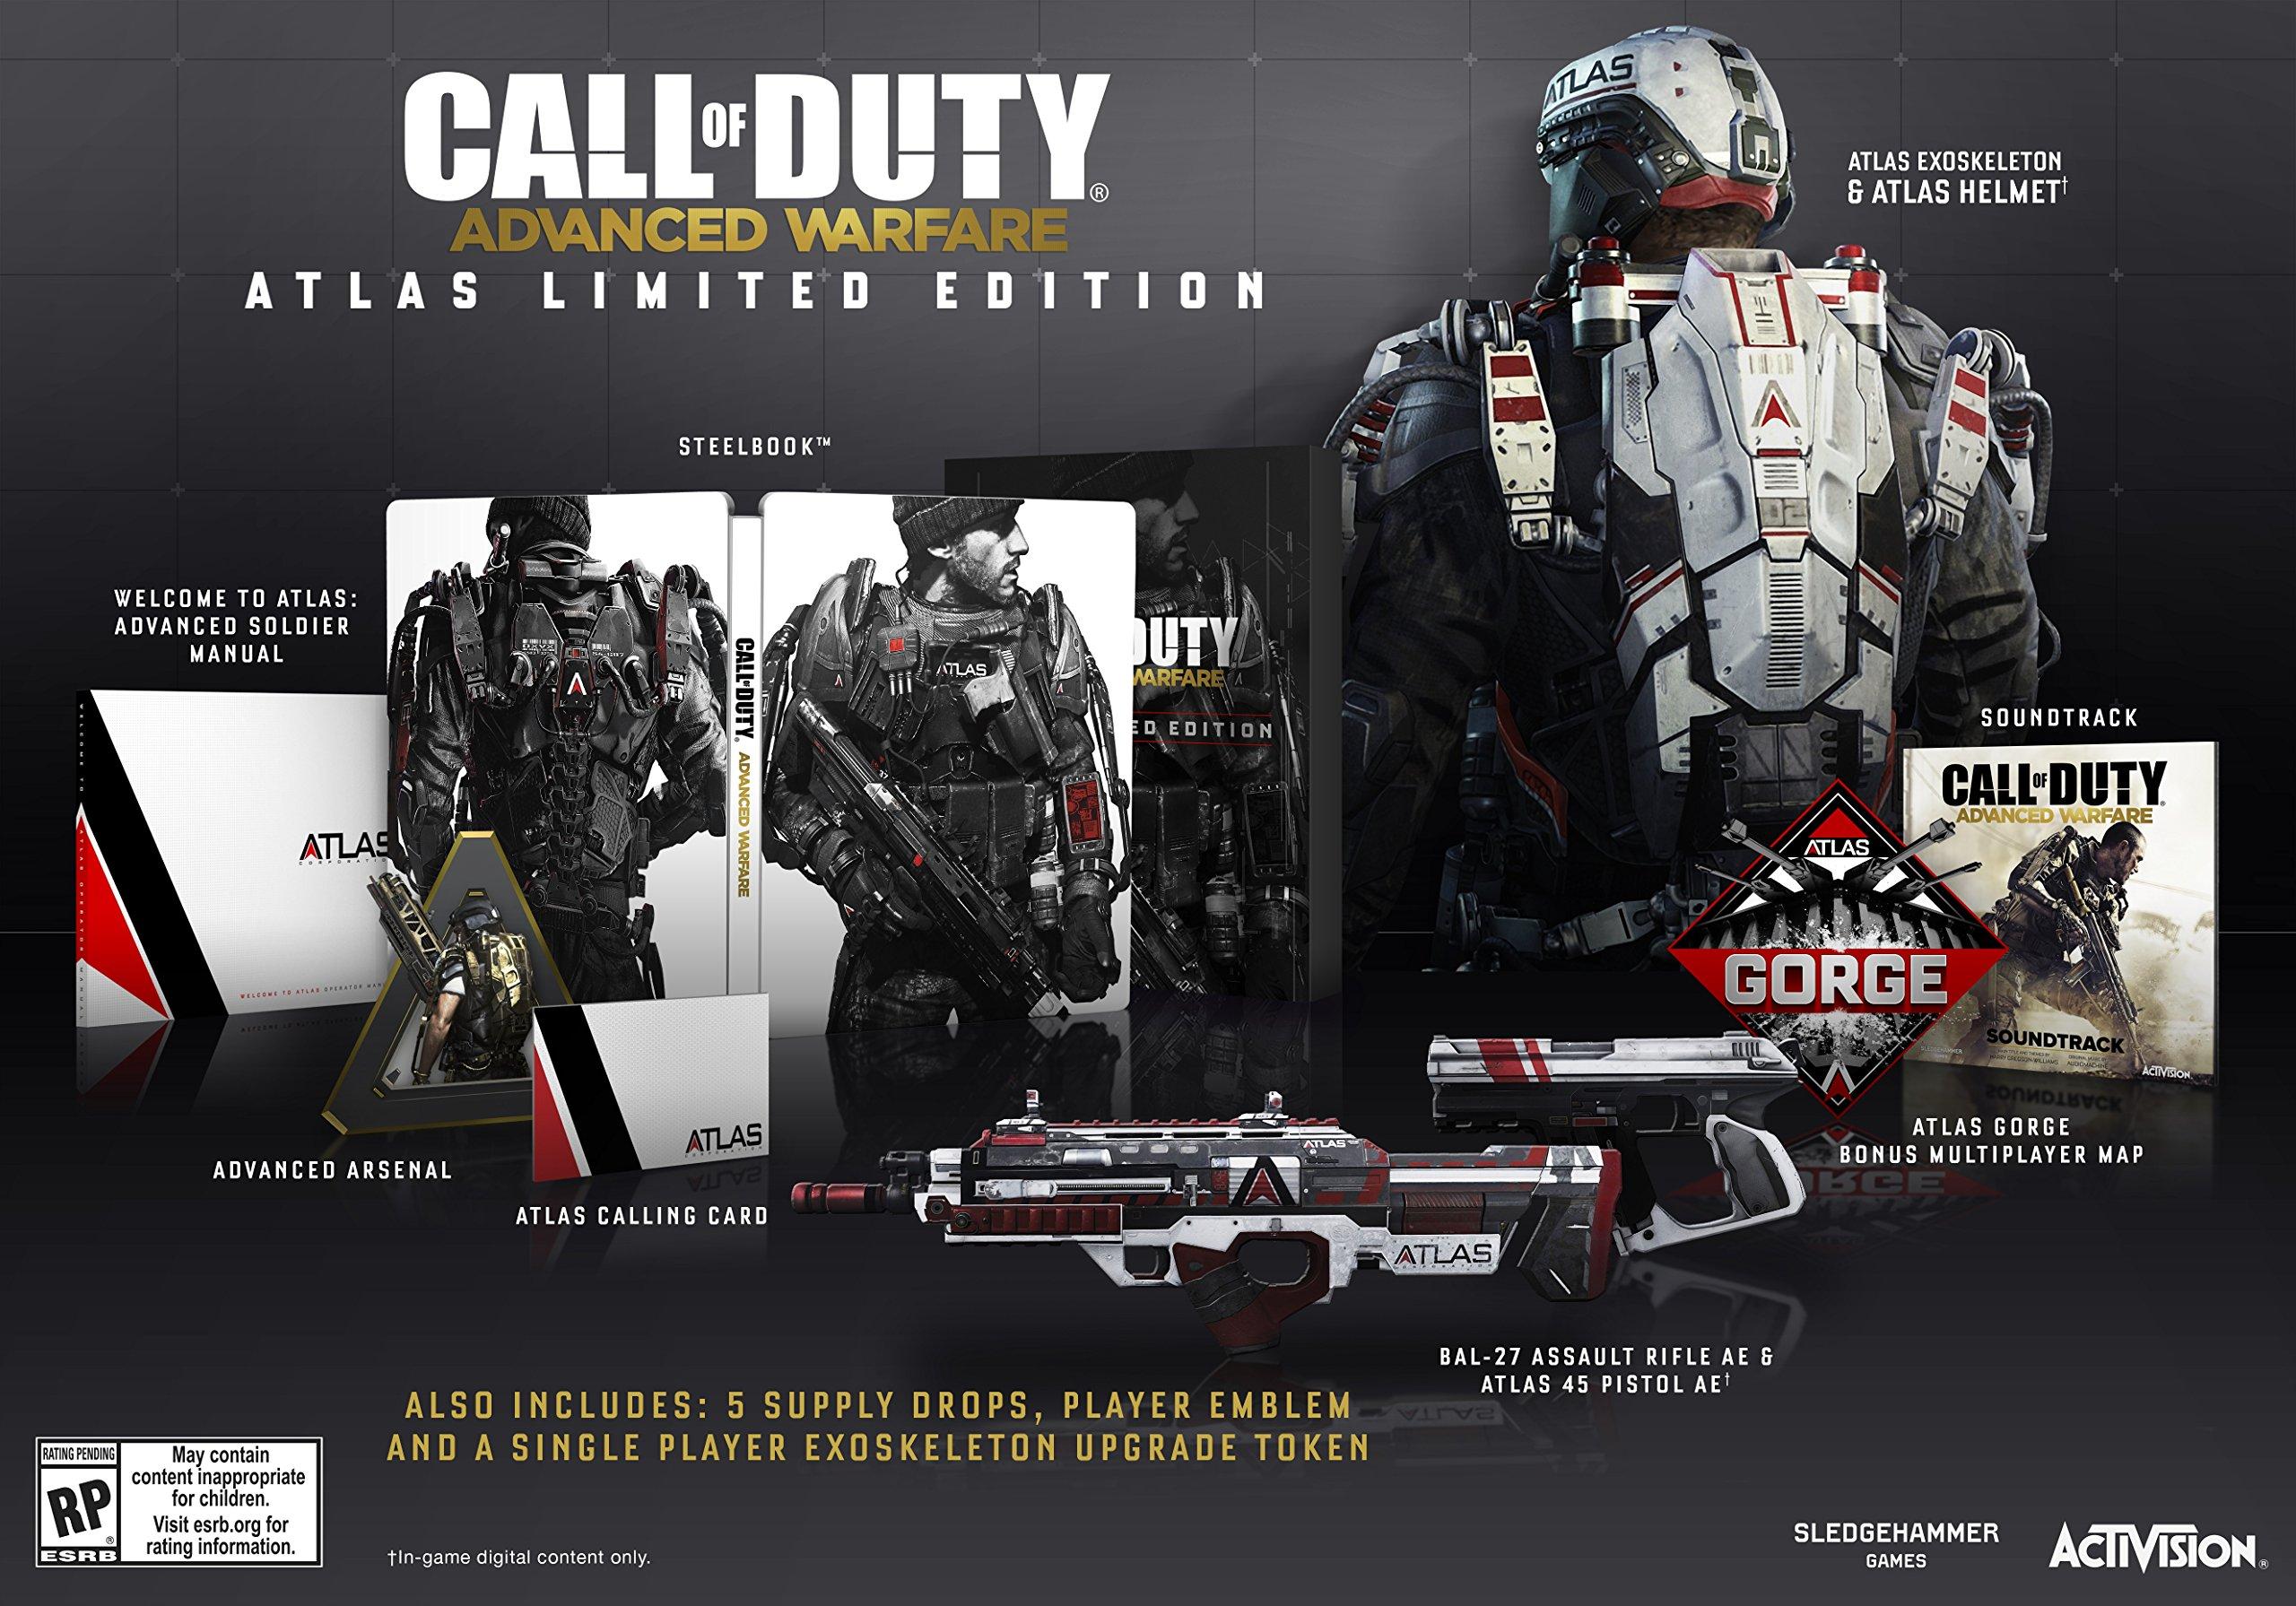 Call of Duty: Advanced Warfare Atlas Edición limitada - PlayStation 4